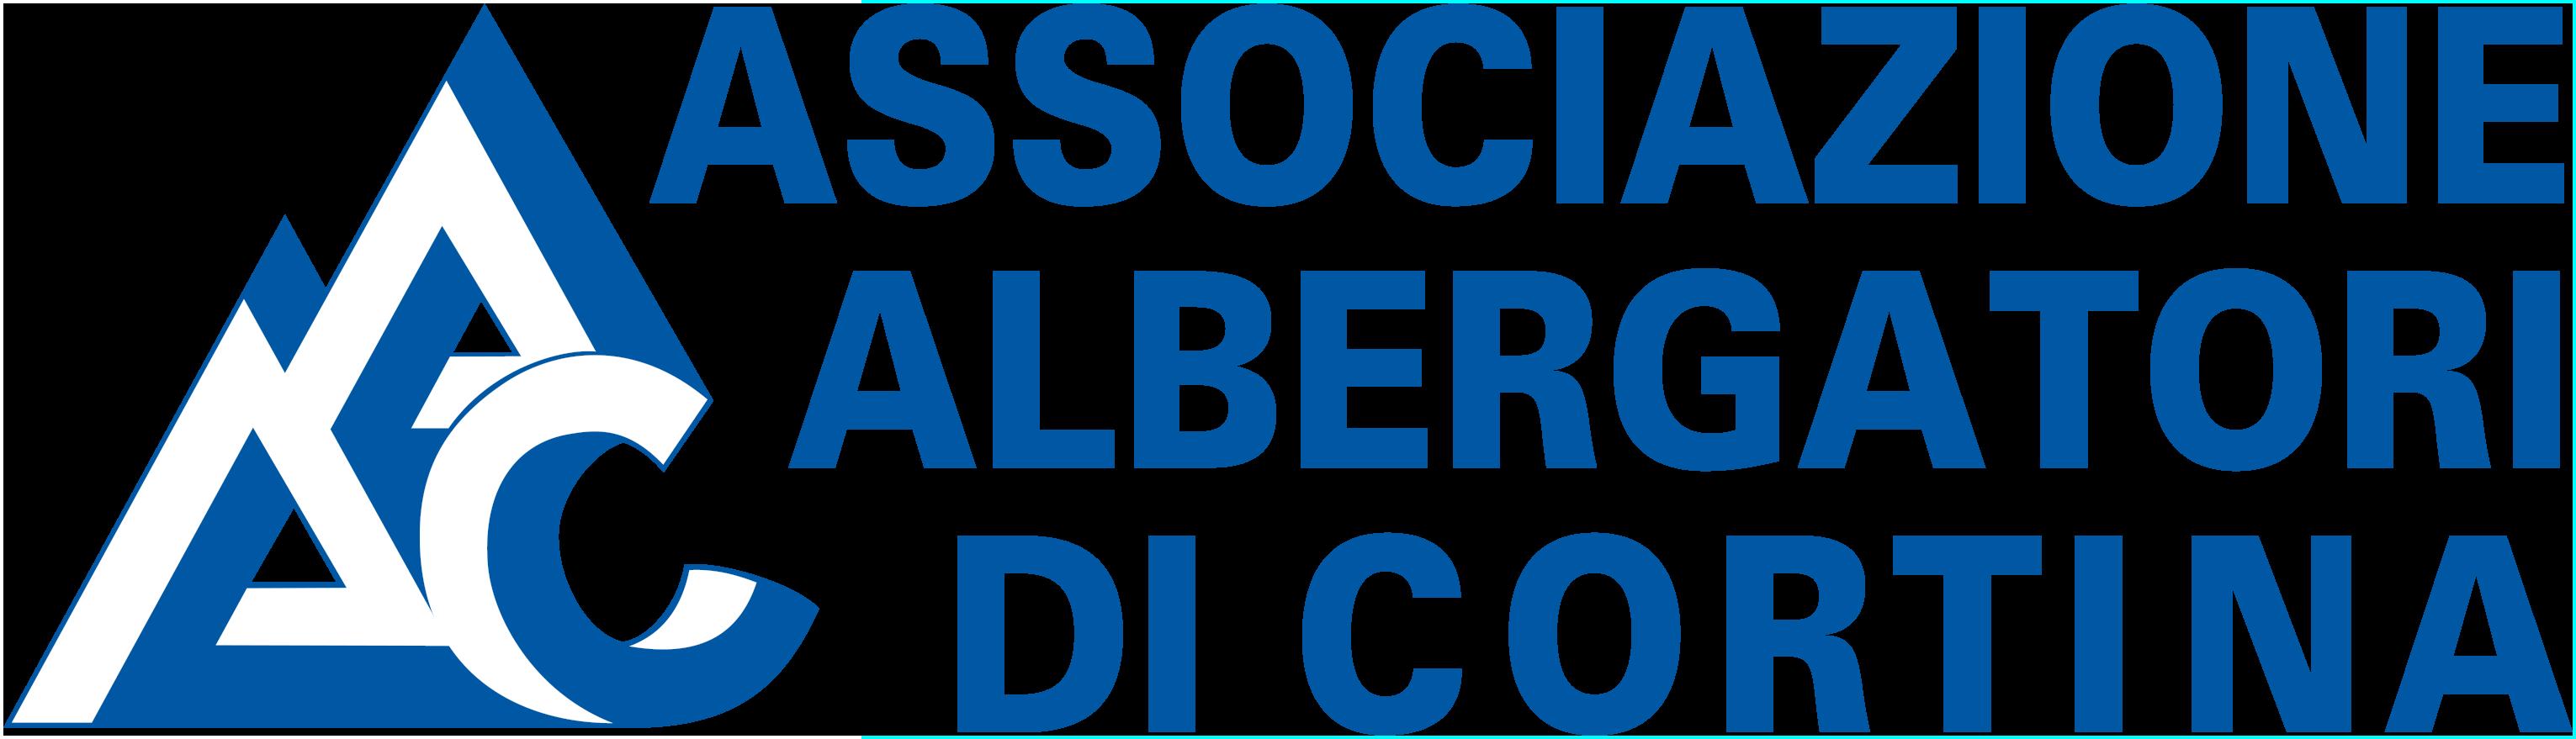 Associazione Albergatori CORTINA D'AMPEZZO CORTINA FOR US